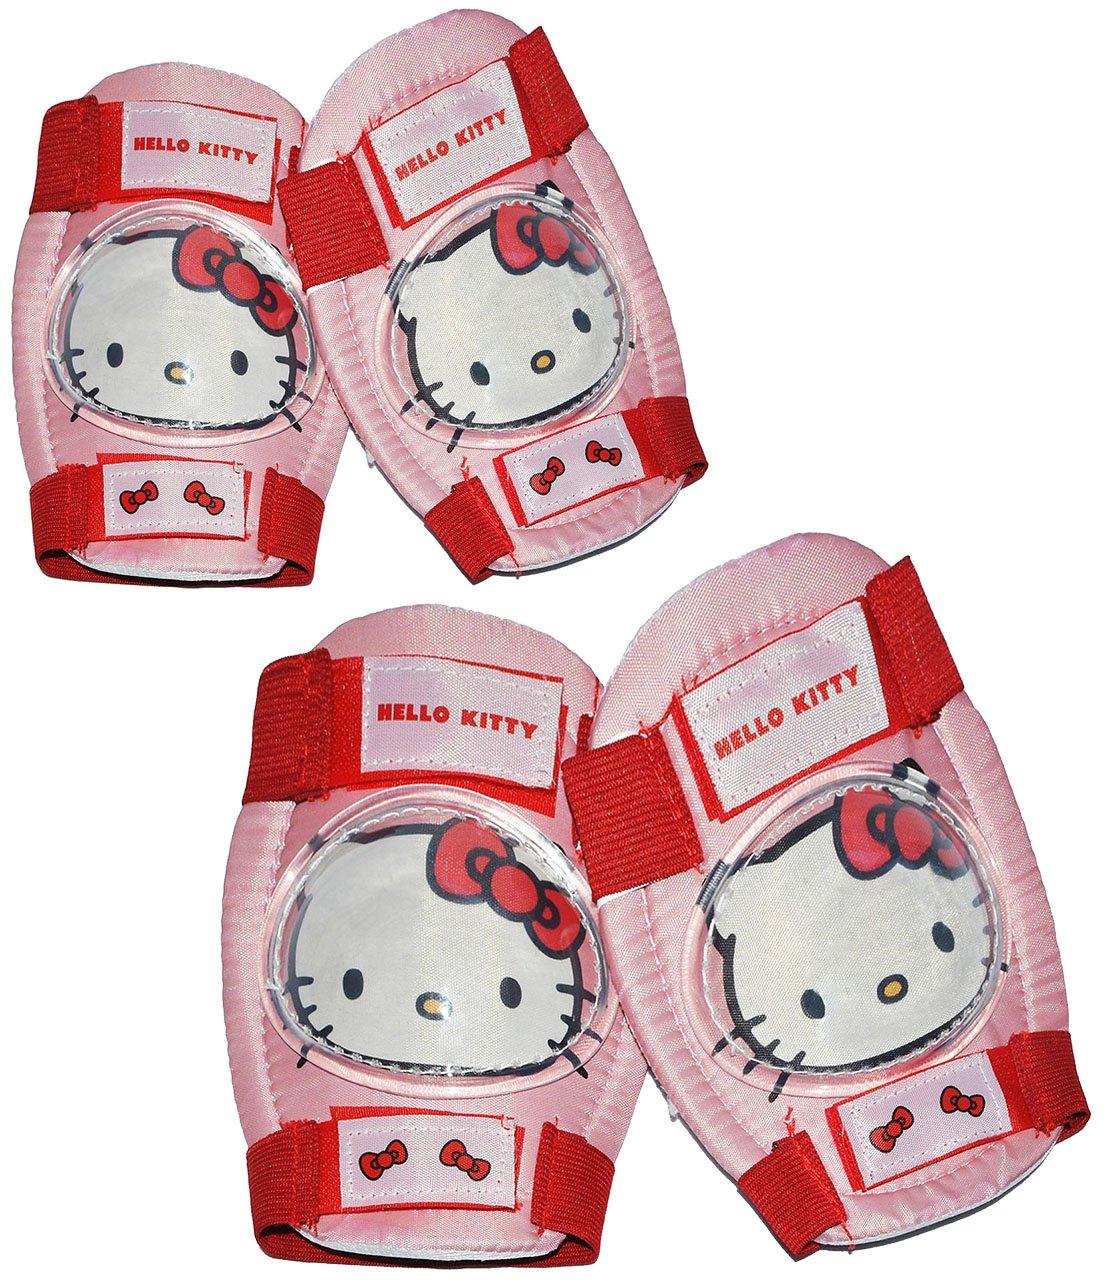 4 tlg. Kinder Set Knieschützer Hello Kitty - 5 bis 10 Jahre - Ellenbogenschützer Gelenkschützer Knieschoner rosa pink Kinder-Land